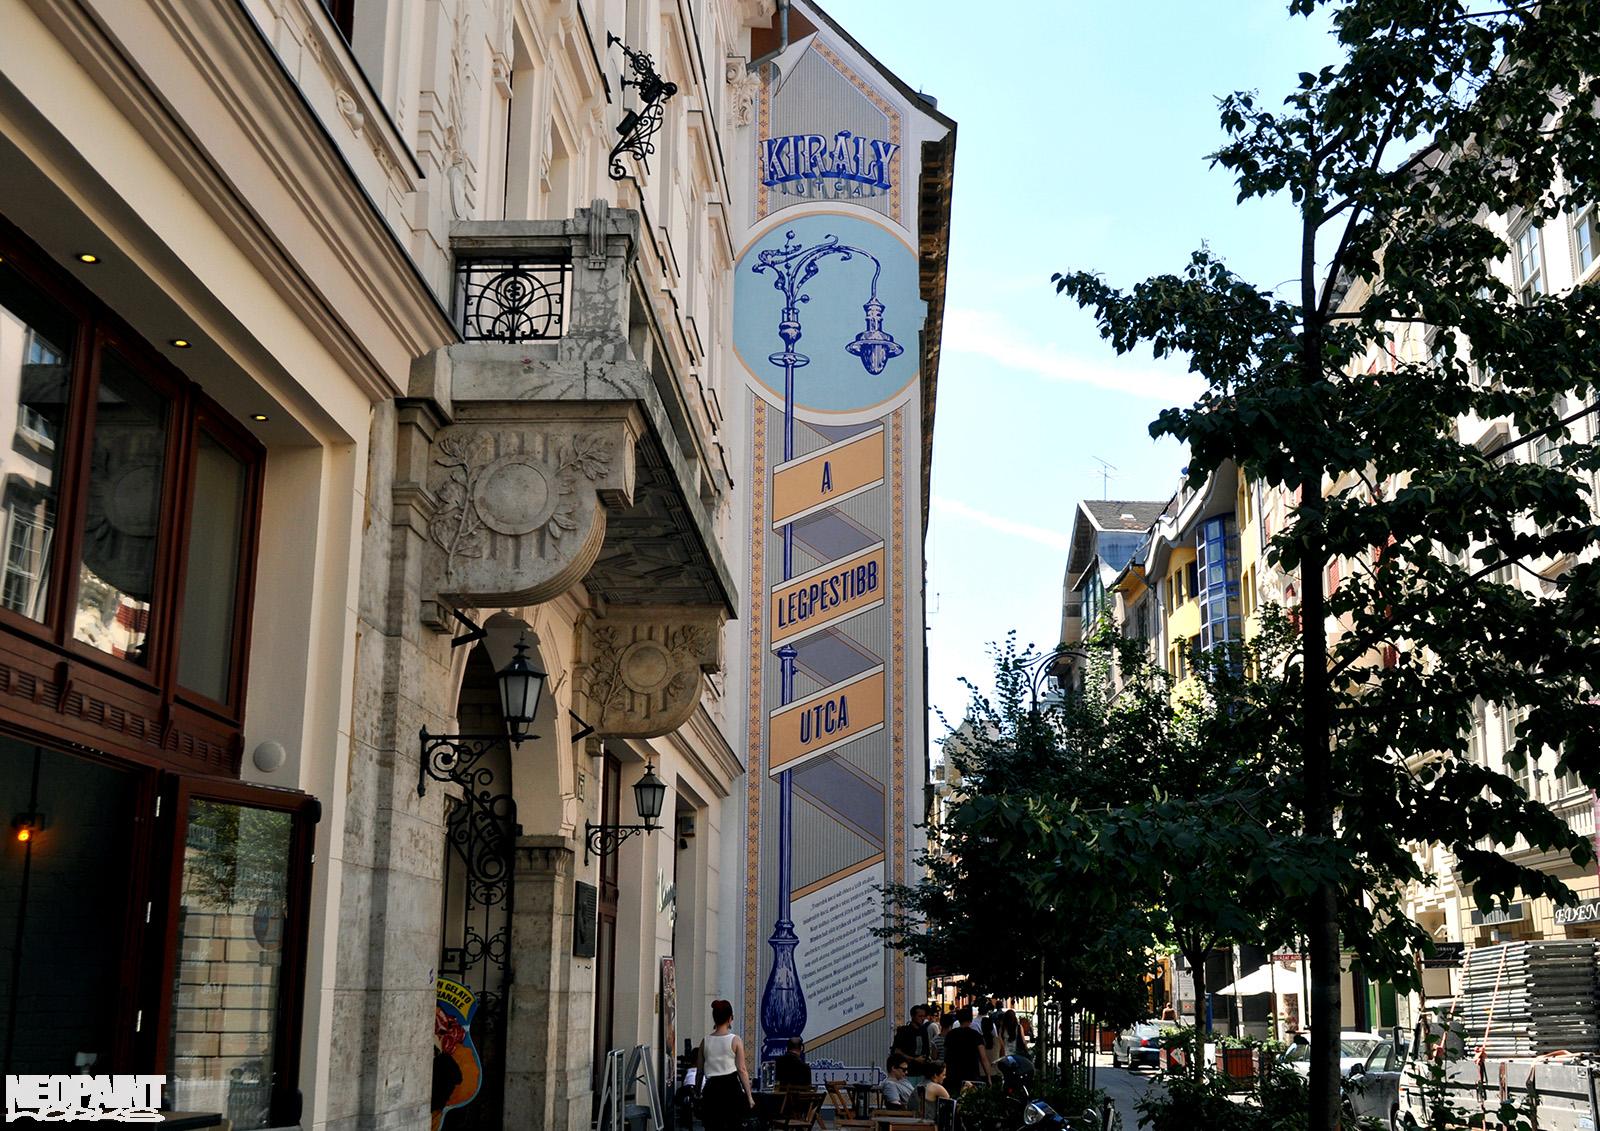 neopaint works - tűzfalfestmény - király utca - krúdy